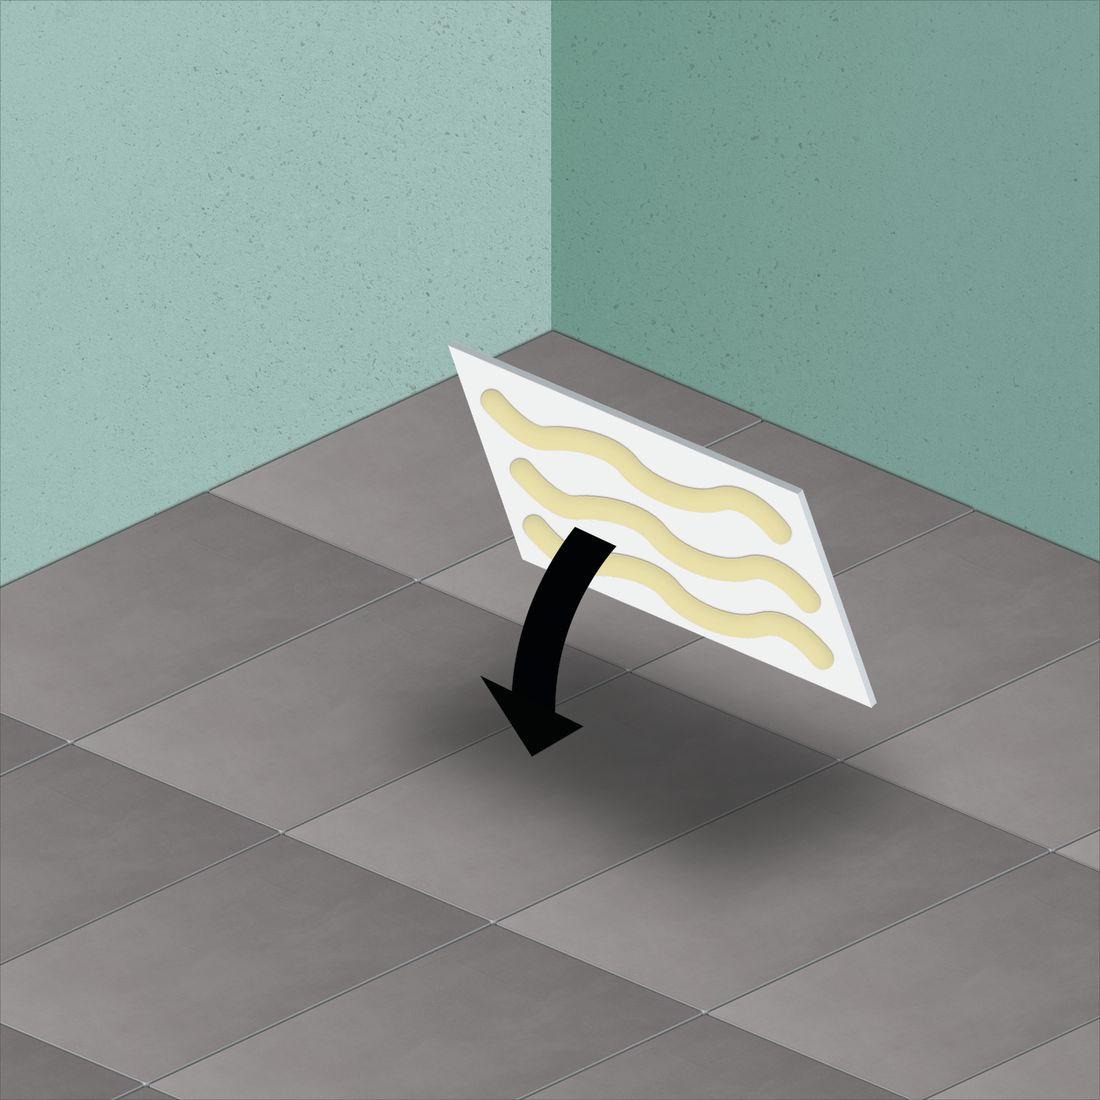 Pannelli copri piastrelle bagno elegant sala da pranzo in - Pannelli copri piastrelle bagno ...